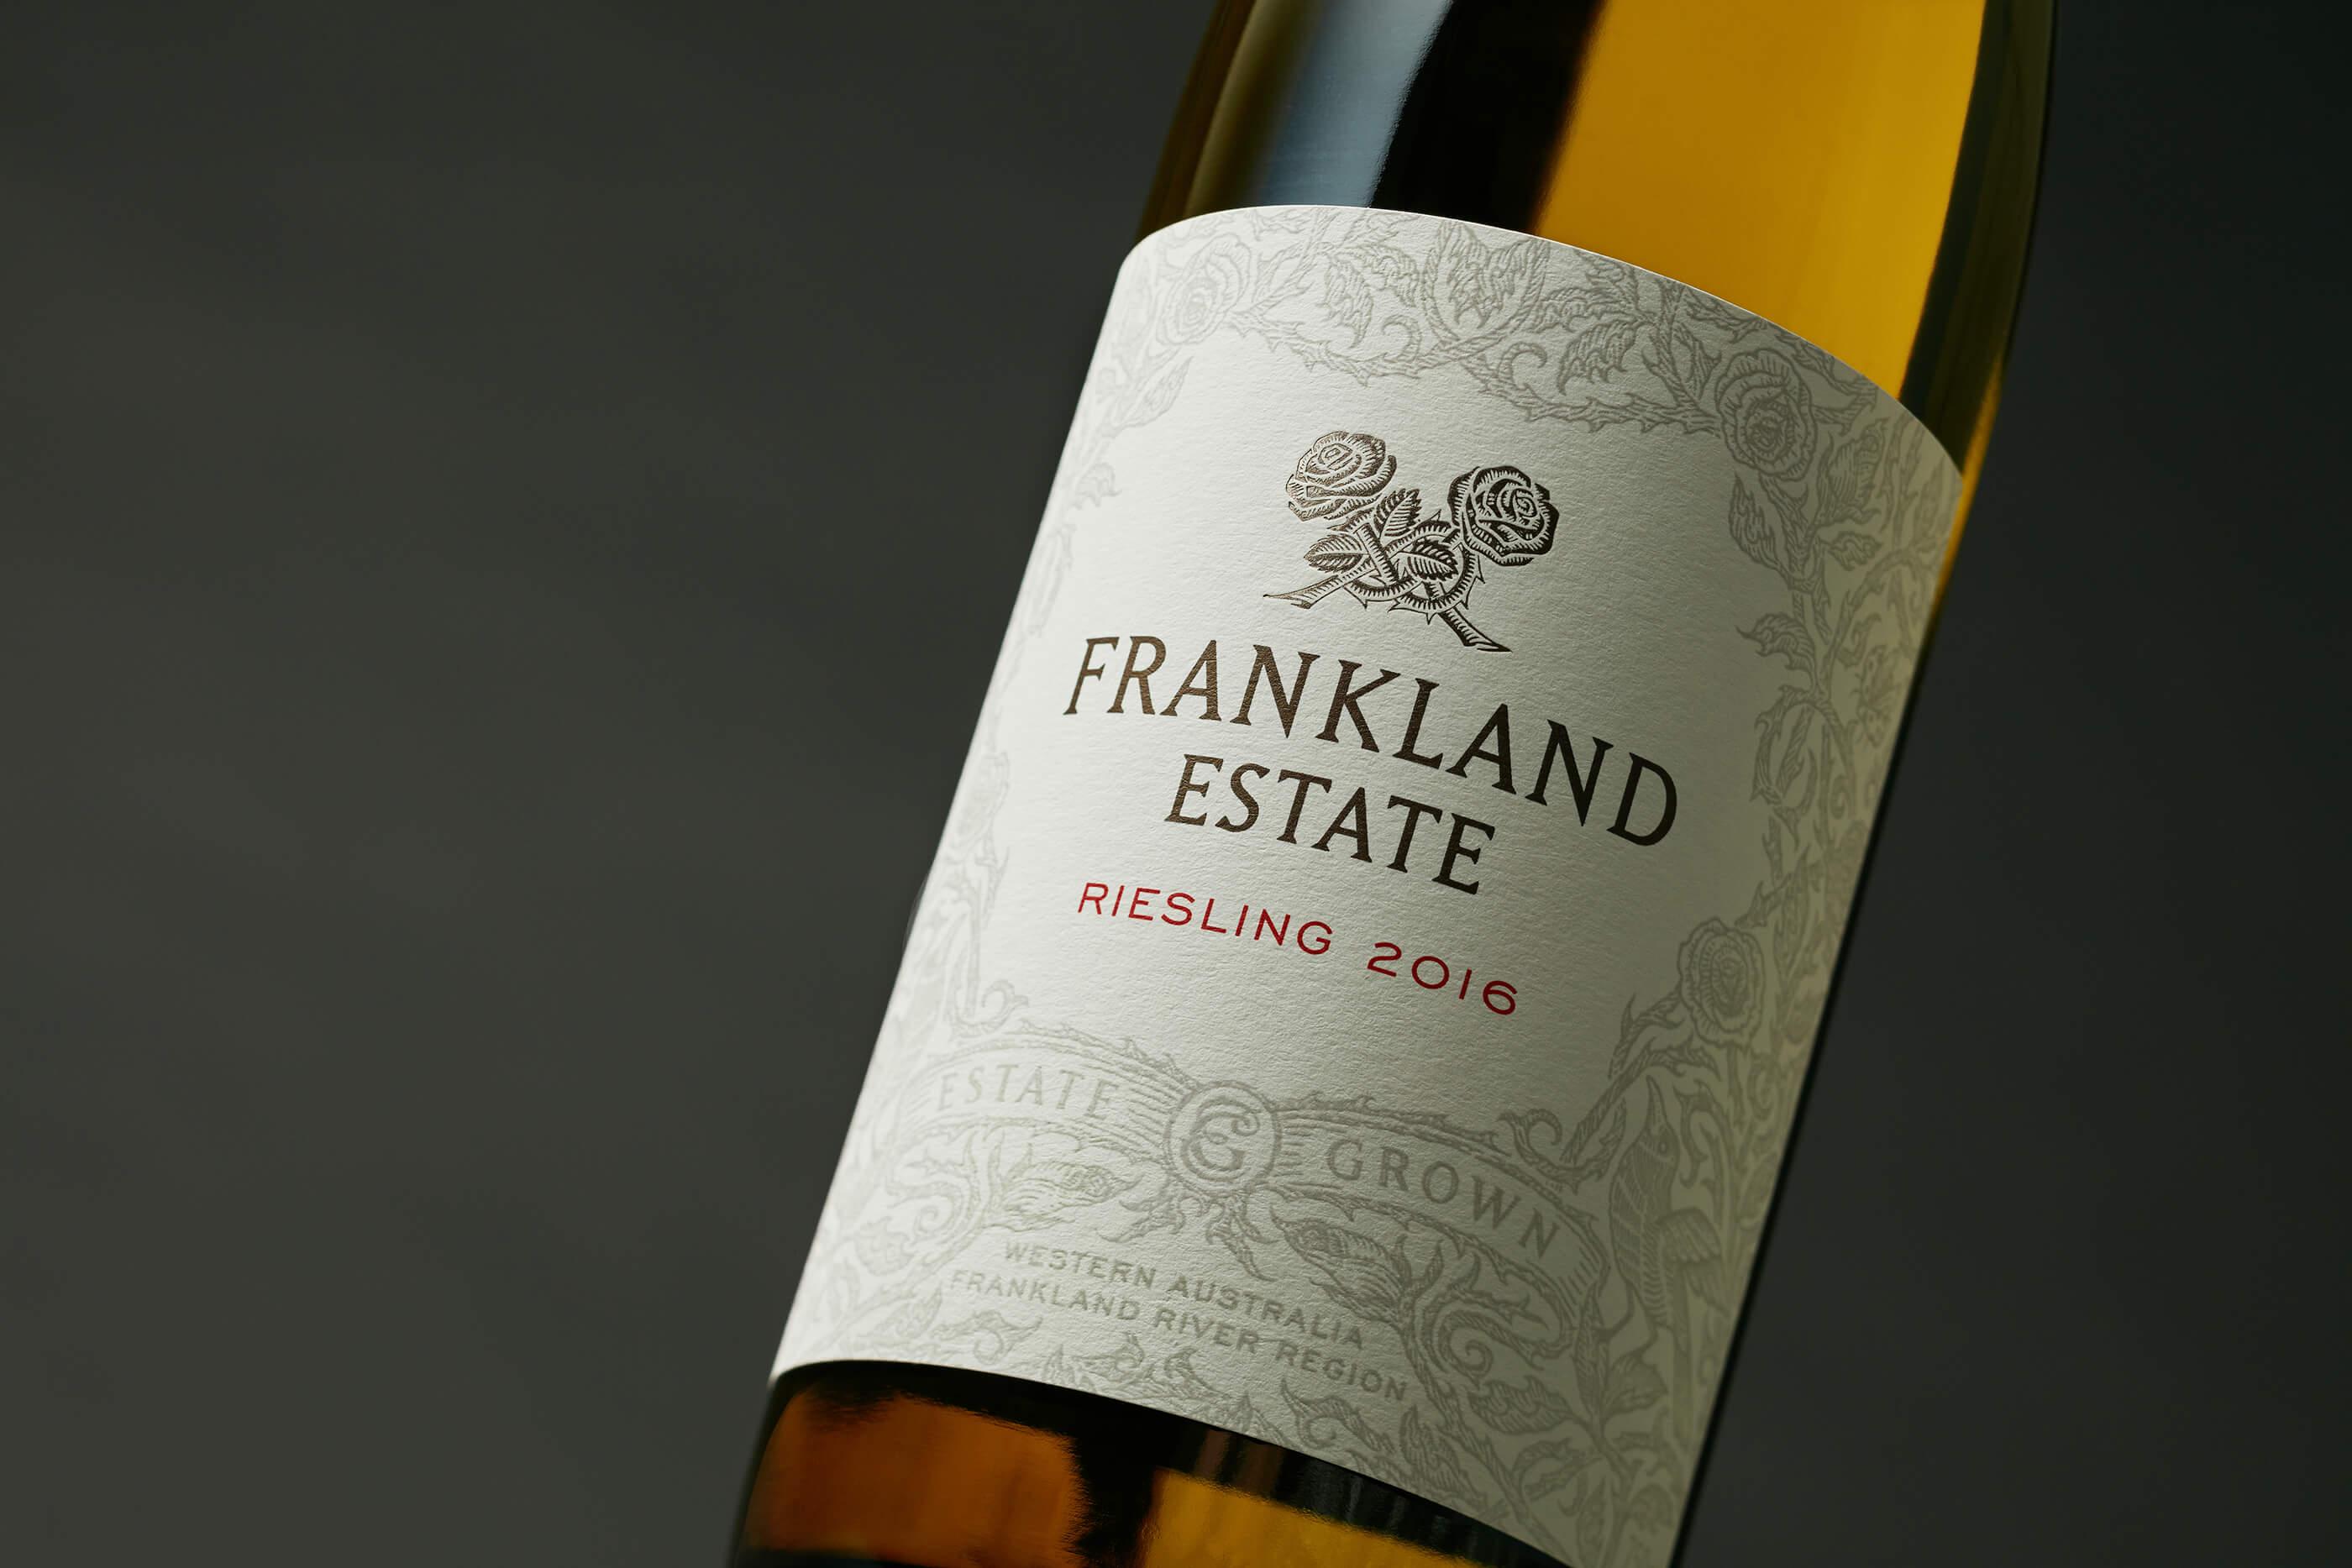 Frankland-Estate-Riesling